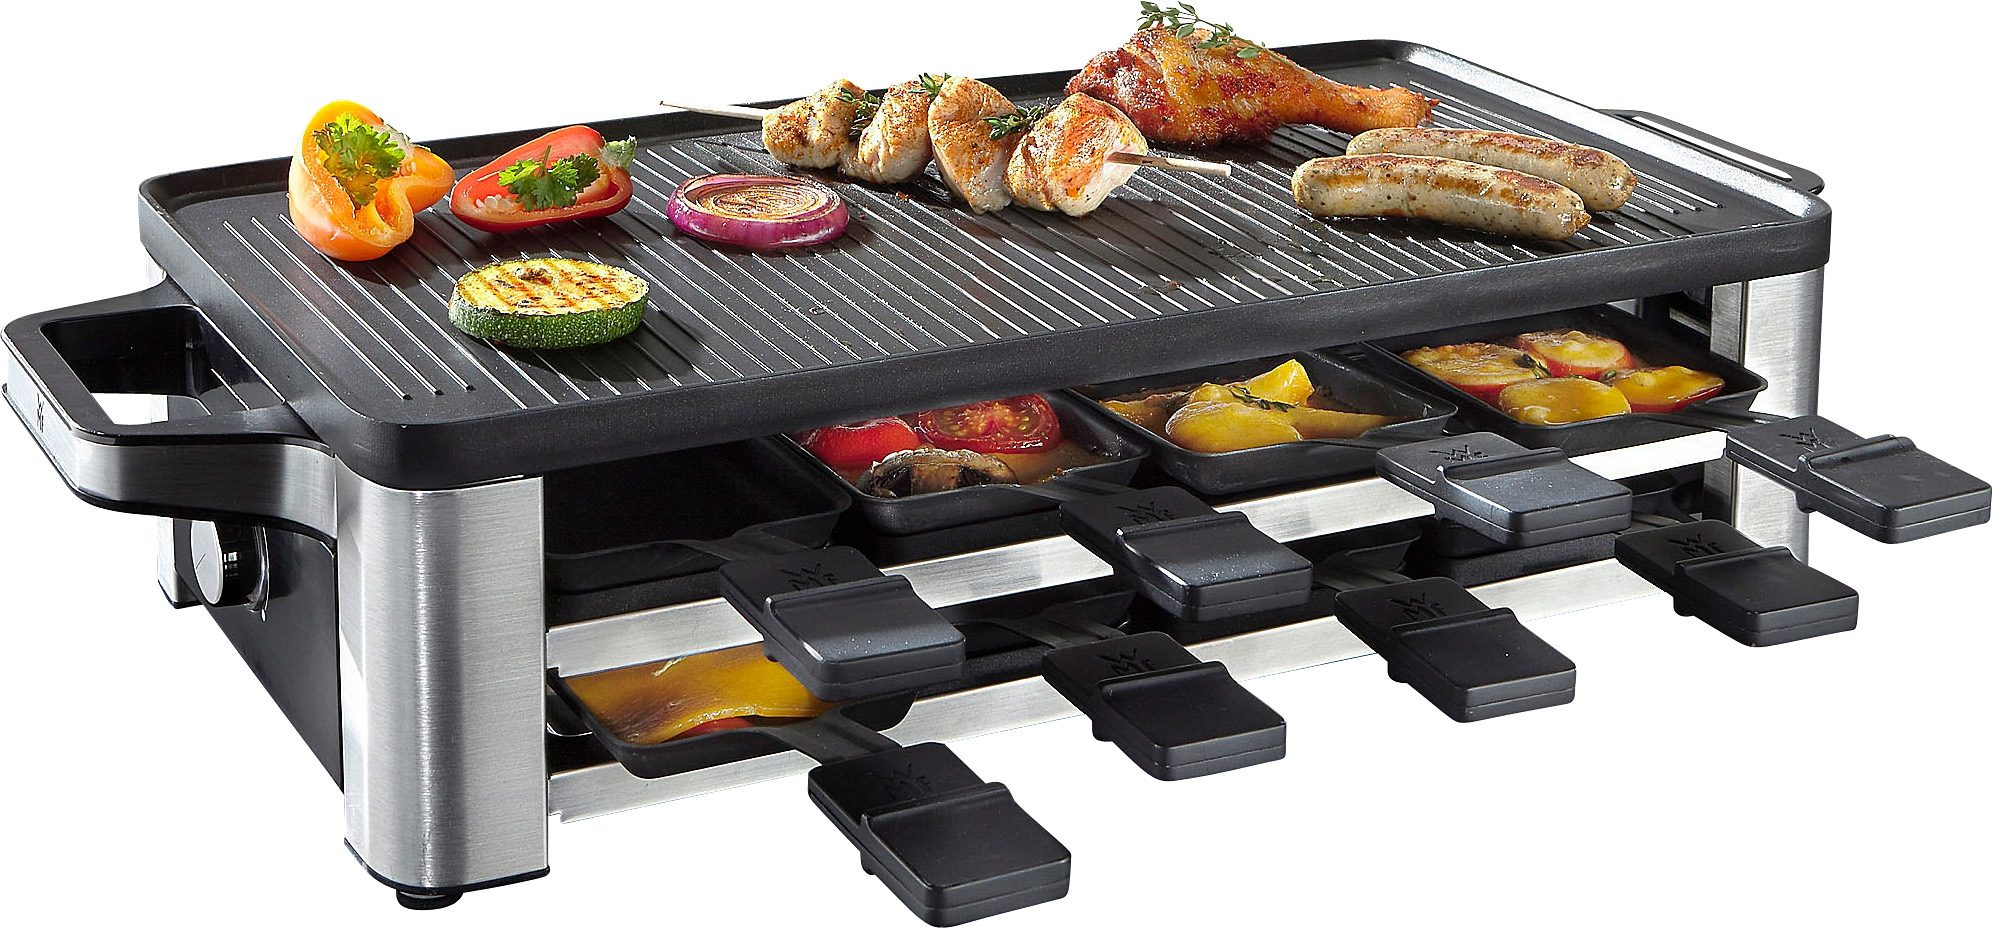 WMF Raclette LONO, 8 Raclettepfännchen, 1500 Watt | Küche und Esszimmer > Küchengeräte > Raclette | Silberfarben | WMF